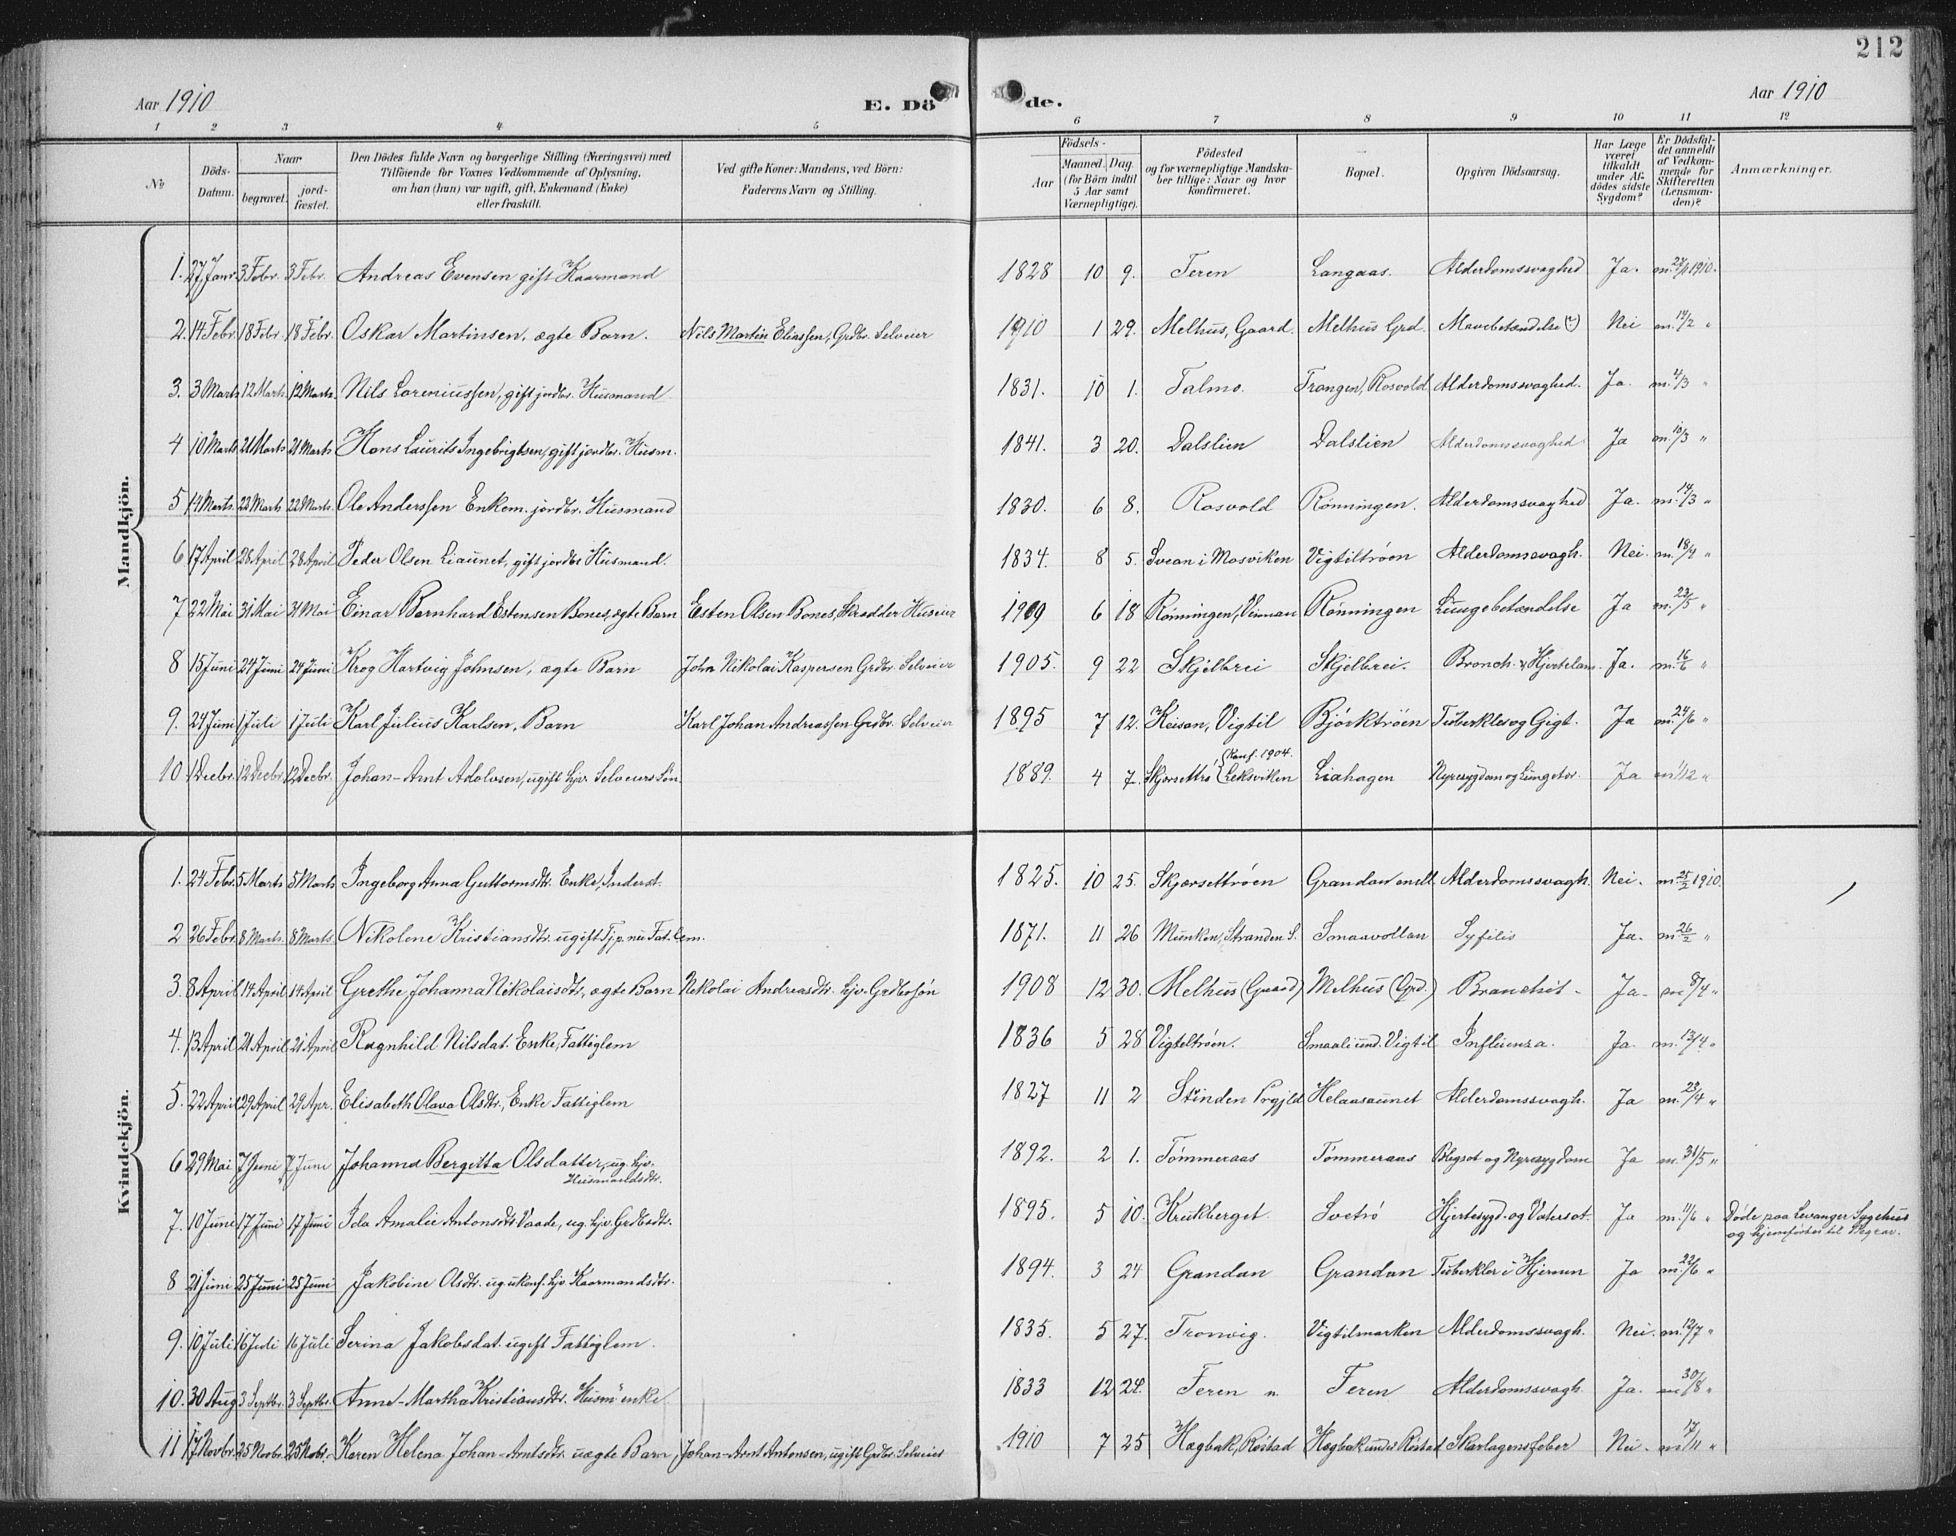 SAT, Ministerialprotokoller, klokkerbøker og fødselsregistre - Nord-Trøndelag, 701/L0011: Ministerialbok nr. 701A11, 1899-1915, s. 212